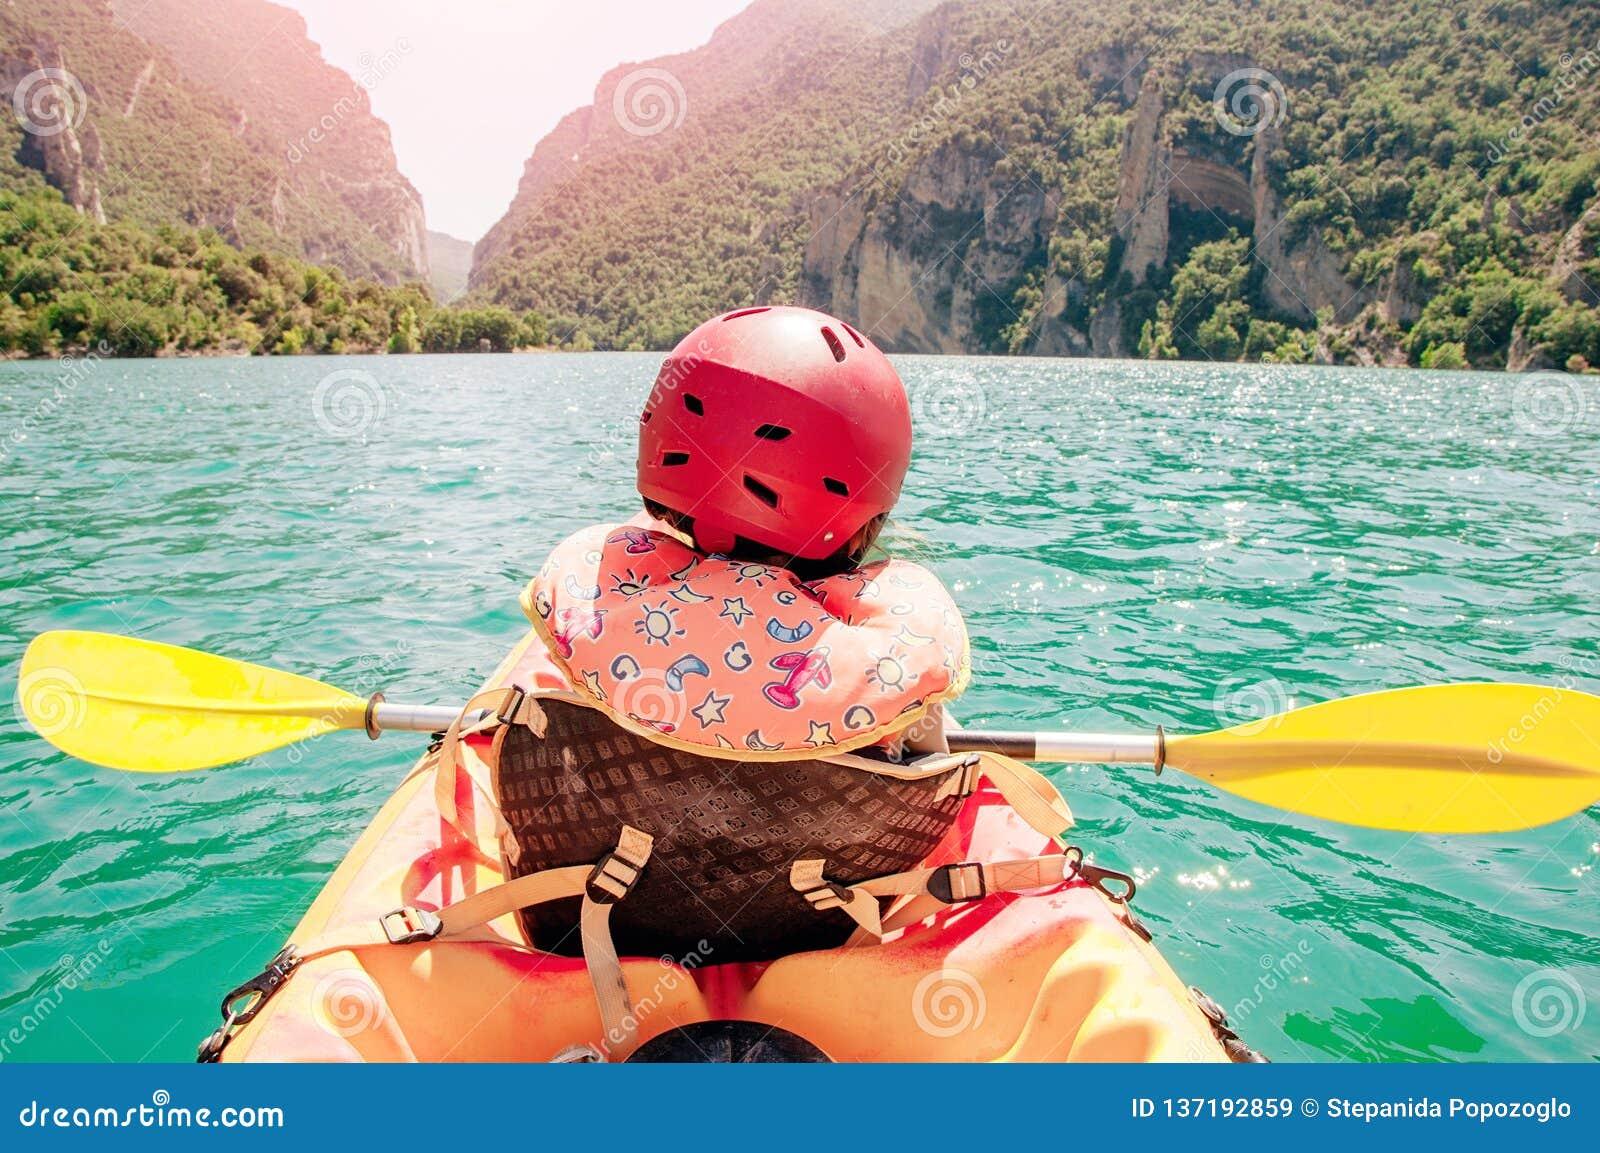 Niña kayaking en el río hermoso, divirtiéndose y disfrutando de deportes al aire libre Deporte acuático y diversión que acampa Ga